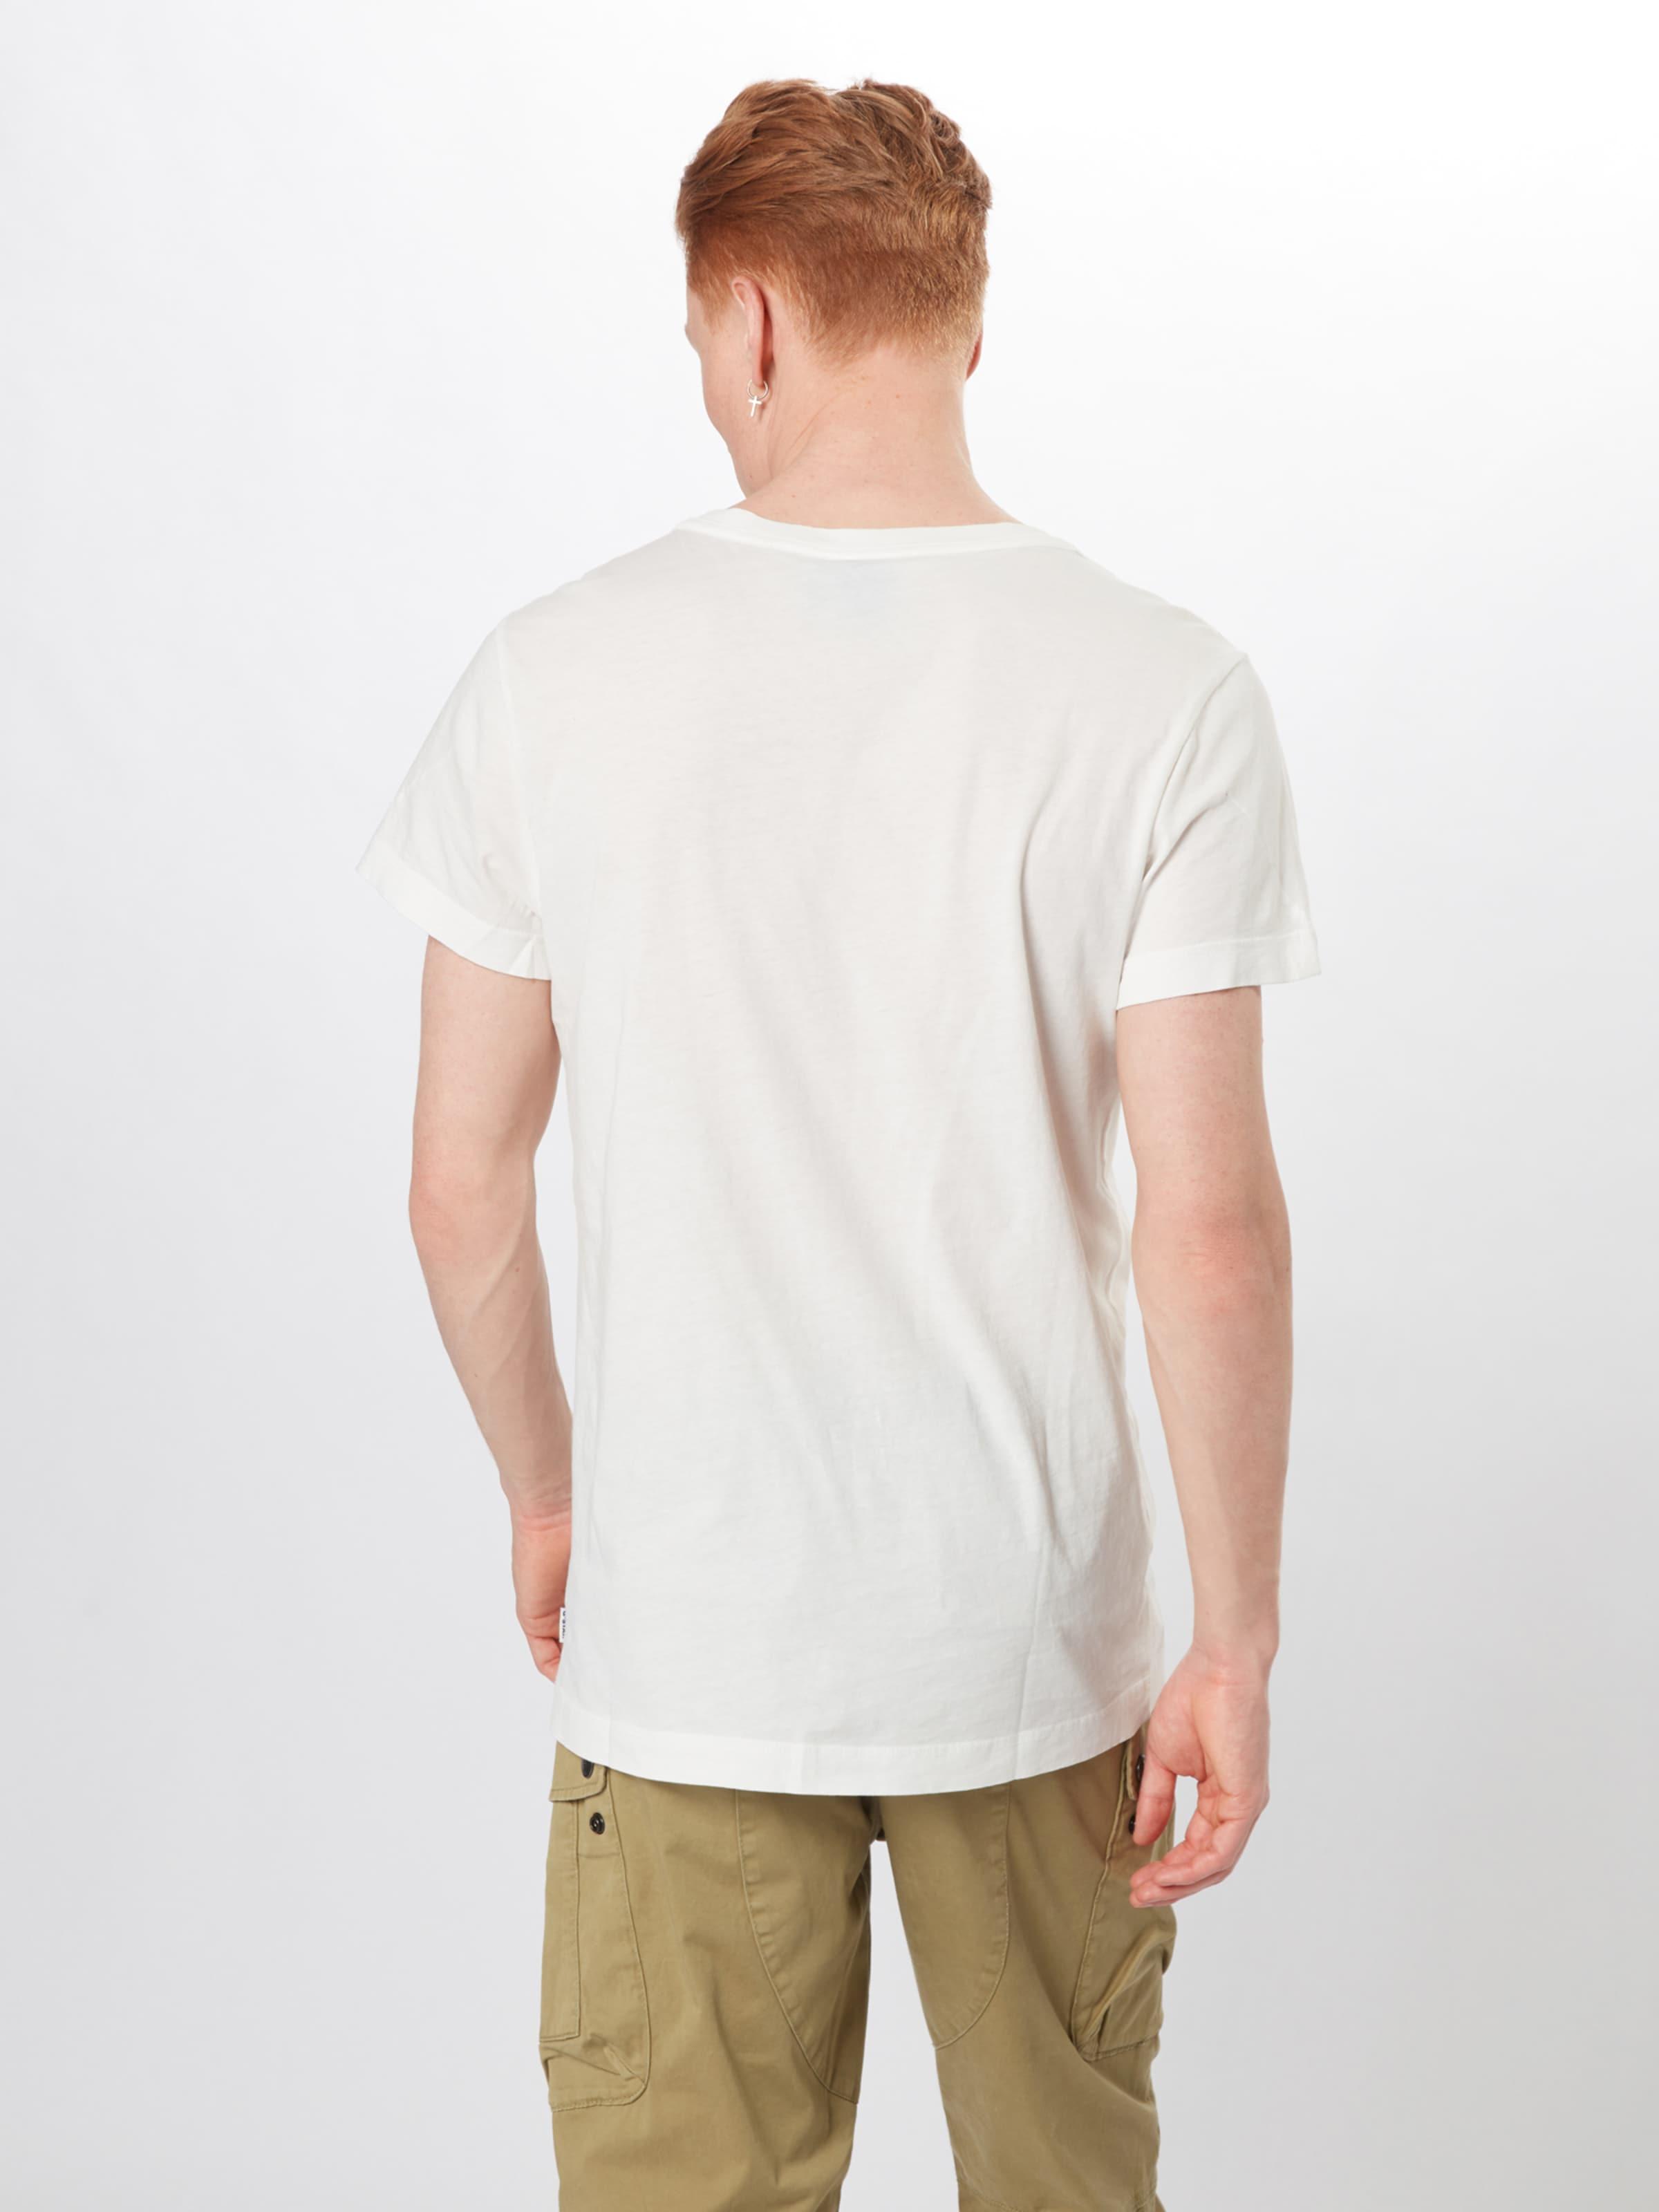 Raw T Cassé G En shirt Blanc 18' star 'graphic sBhdCtQxr